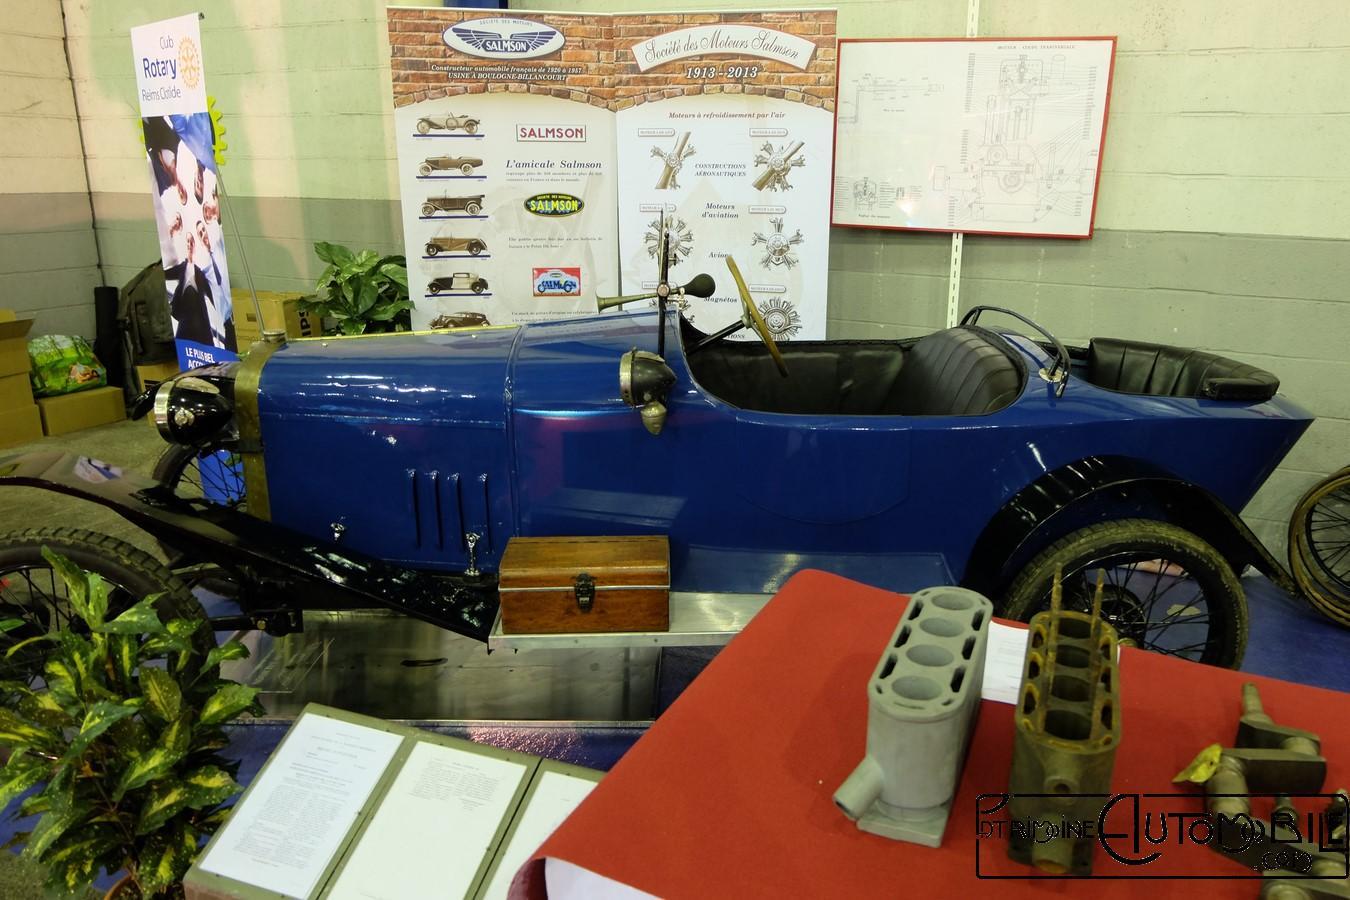 L 39 amicale salmson reims patrimoineautomobile com for Salon auto reims